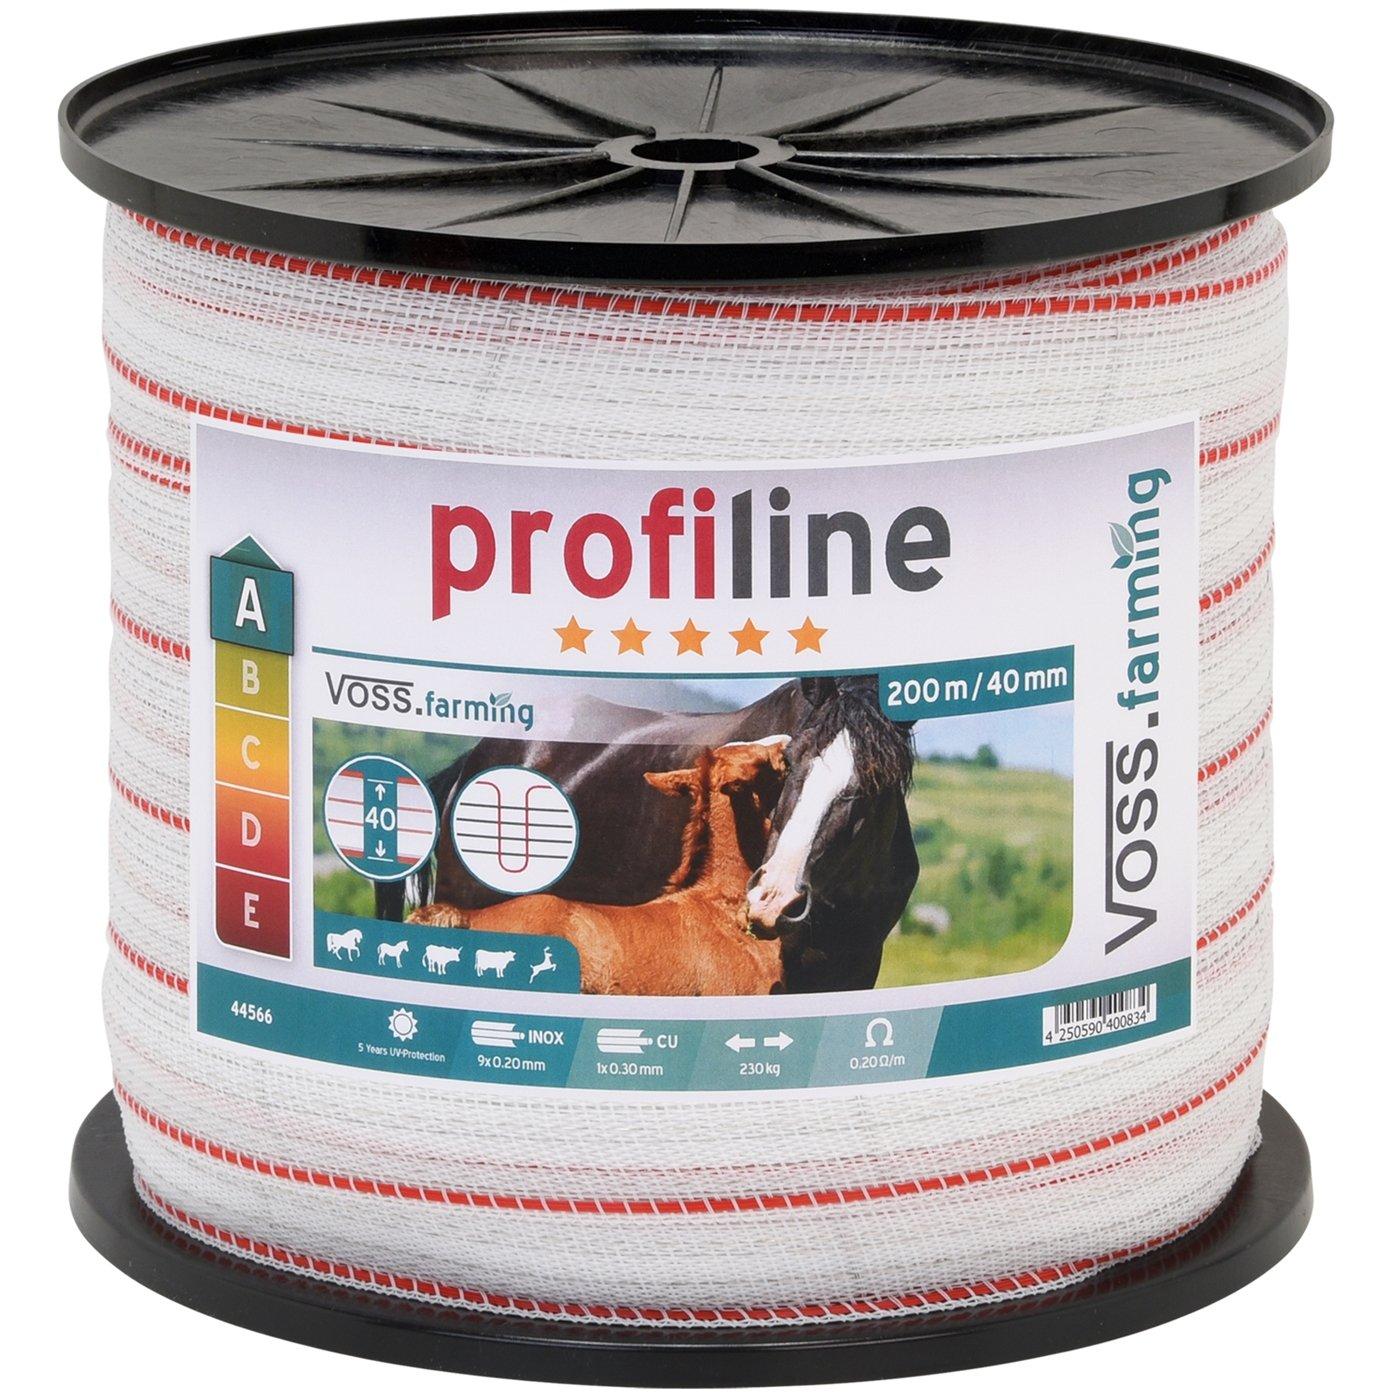 Ruban de clôture électrique 200 m 40 mm conducteur 9 x 0,2 mm acier inoxydable + 1 x 0,3 cuivre fil câble clôture cheval chèvre mouton poney Voss.farming